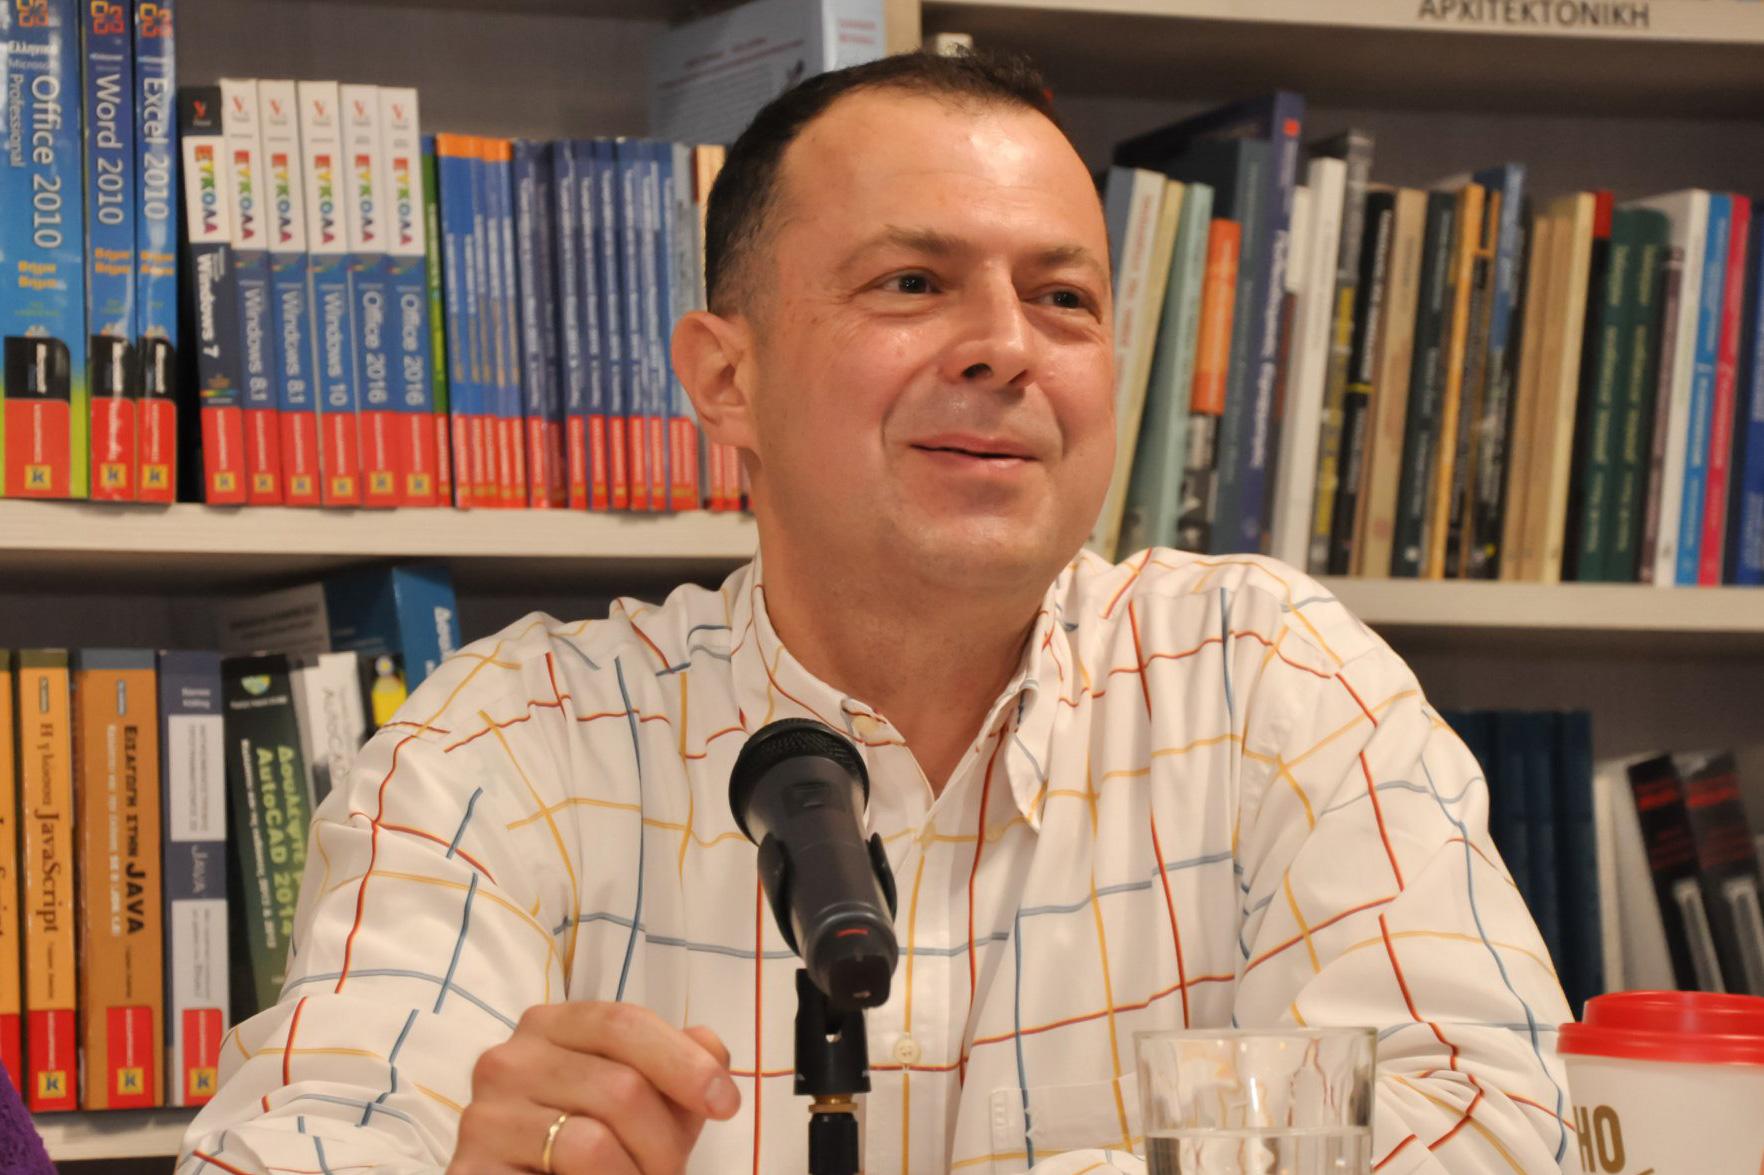 Αντιμετώπιση Κατάθλιψης - Dr. Γρηγόρης Βασιλειάδης